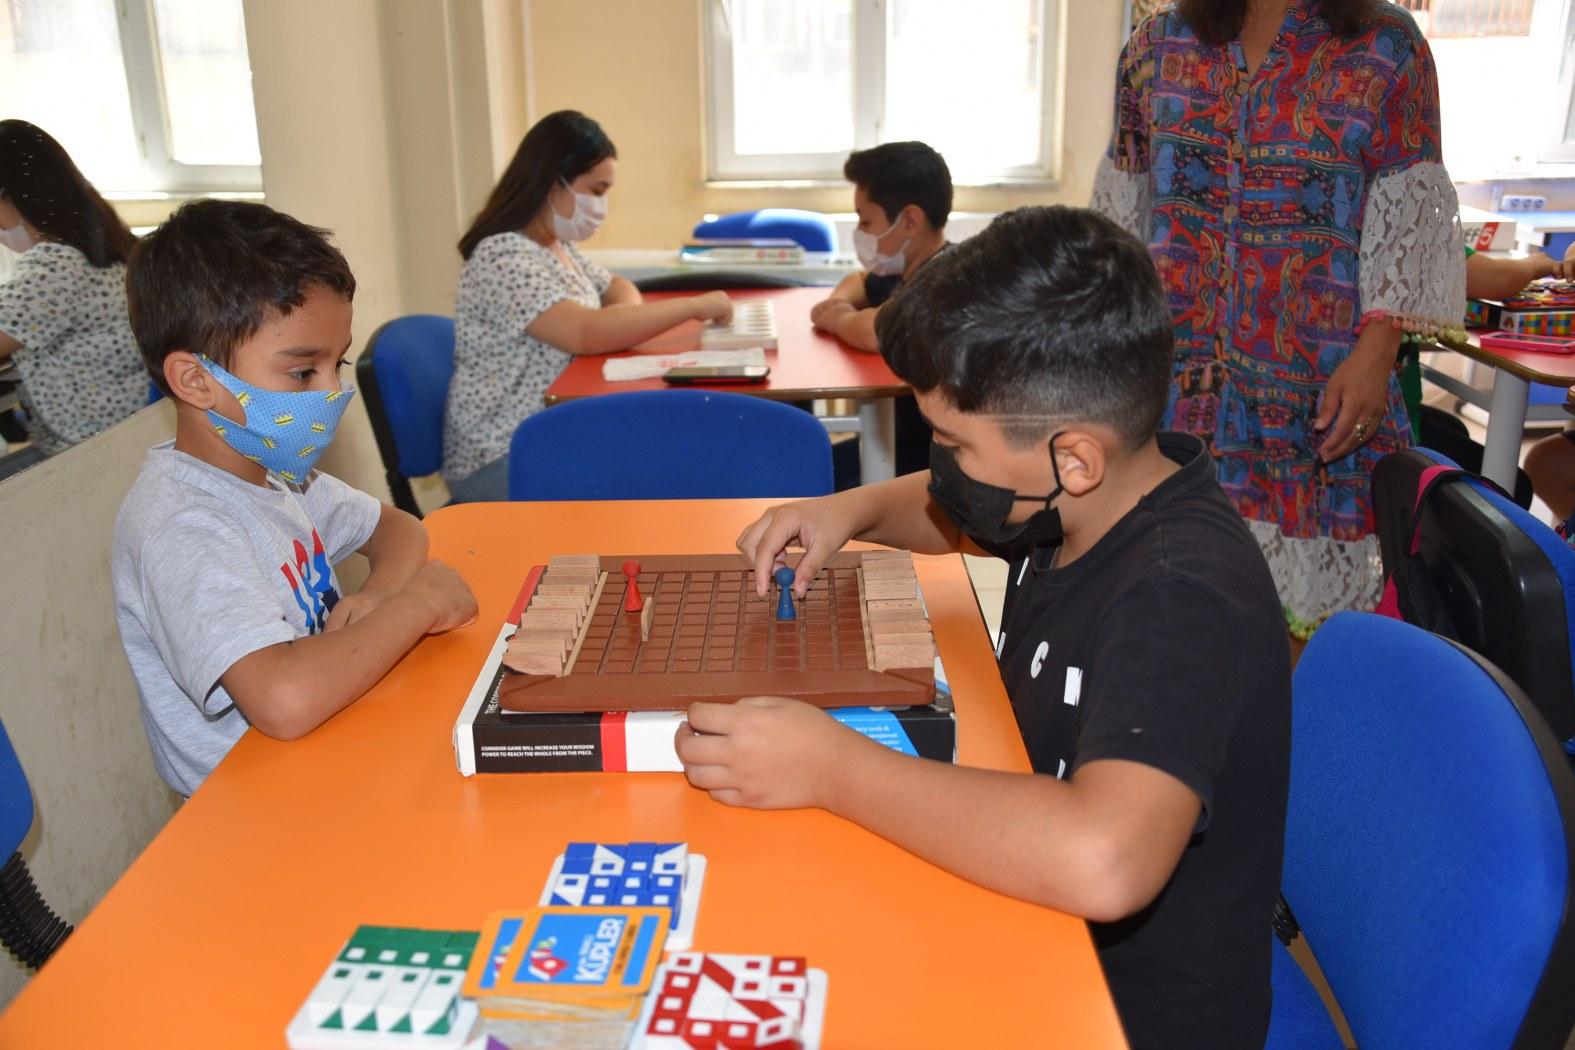 Yunusemre Belediyesi Meslek Edindirme Kursları'nda Çocuklar Eğlenerek Öğreniyor